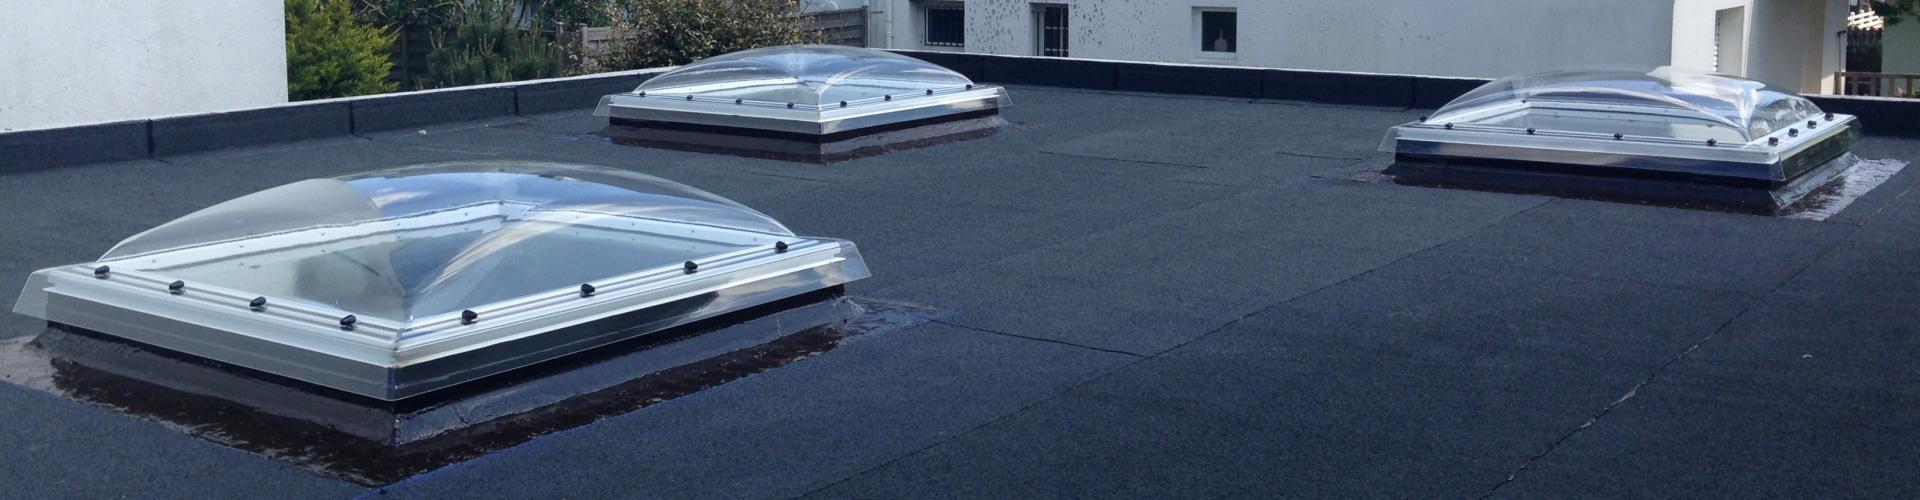 Fen tre de toit plat sp cificit s fonctionnement prix of for Fenetre toit plat